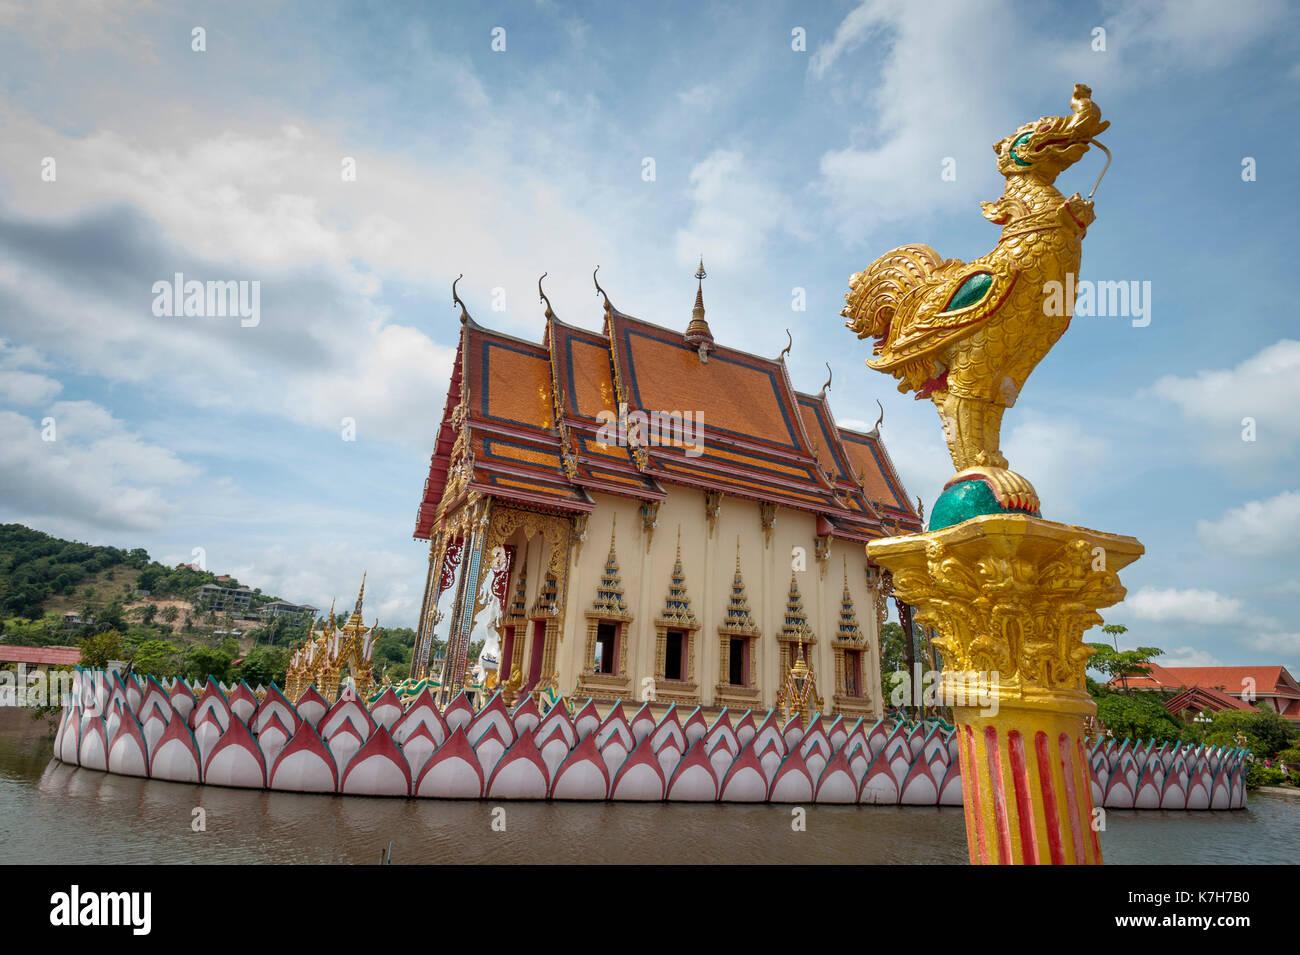 Katze schläft auf den Fliesen am Wat Plai Leam, einem buddhistischen Tempel auf der Insel Ko Samui, Thailand. Stockbild